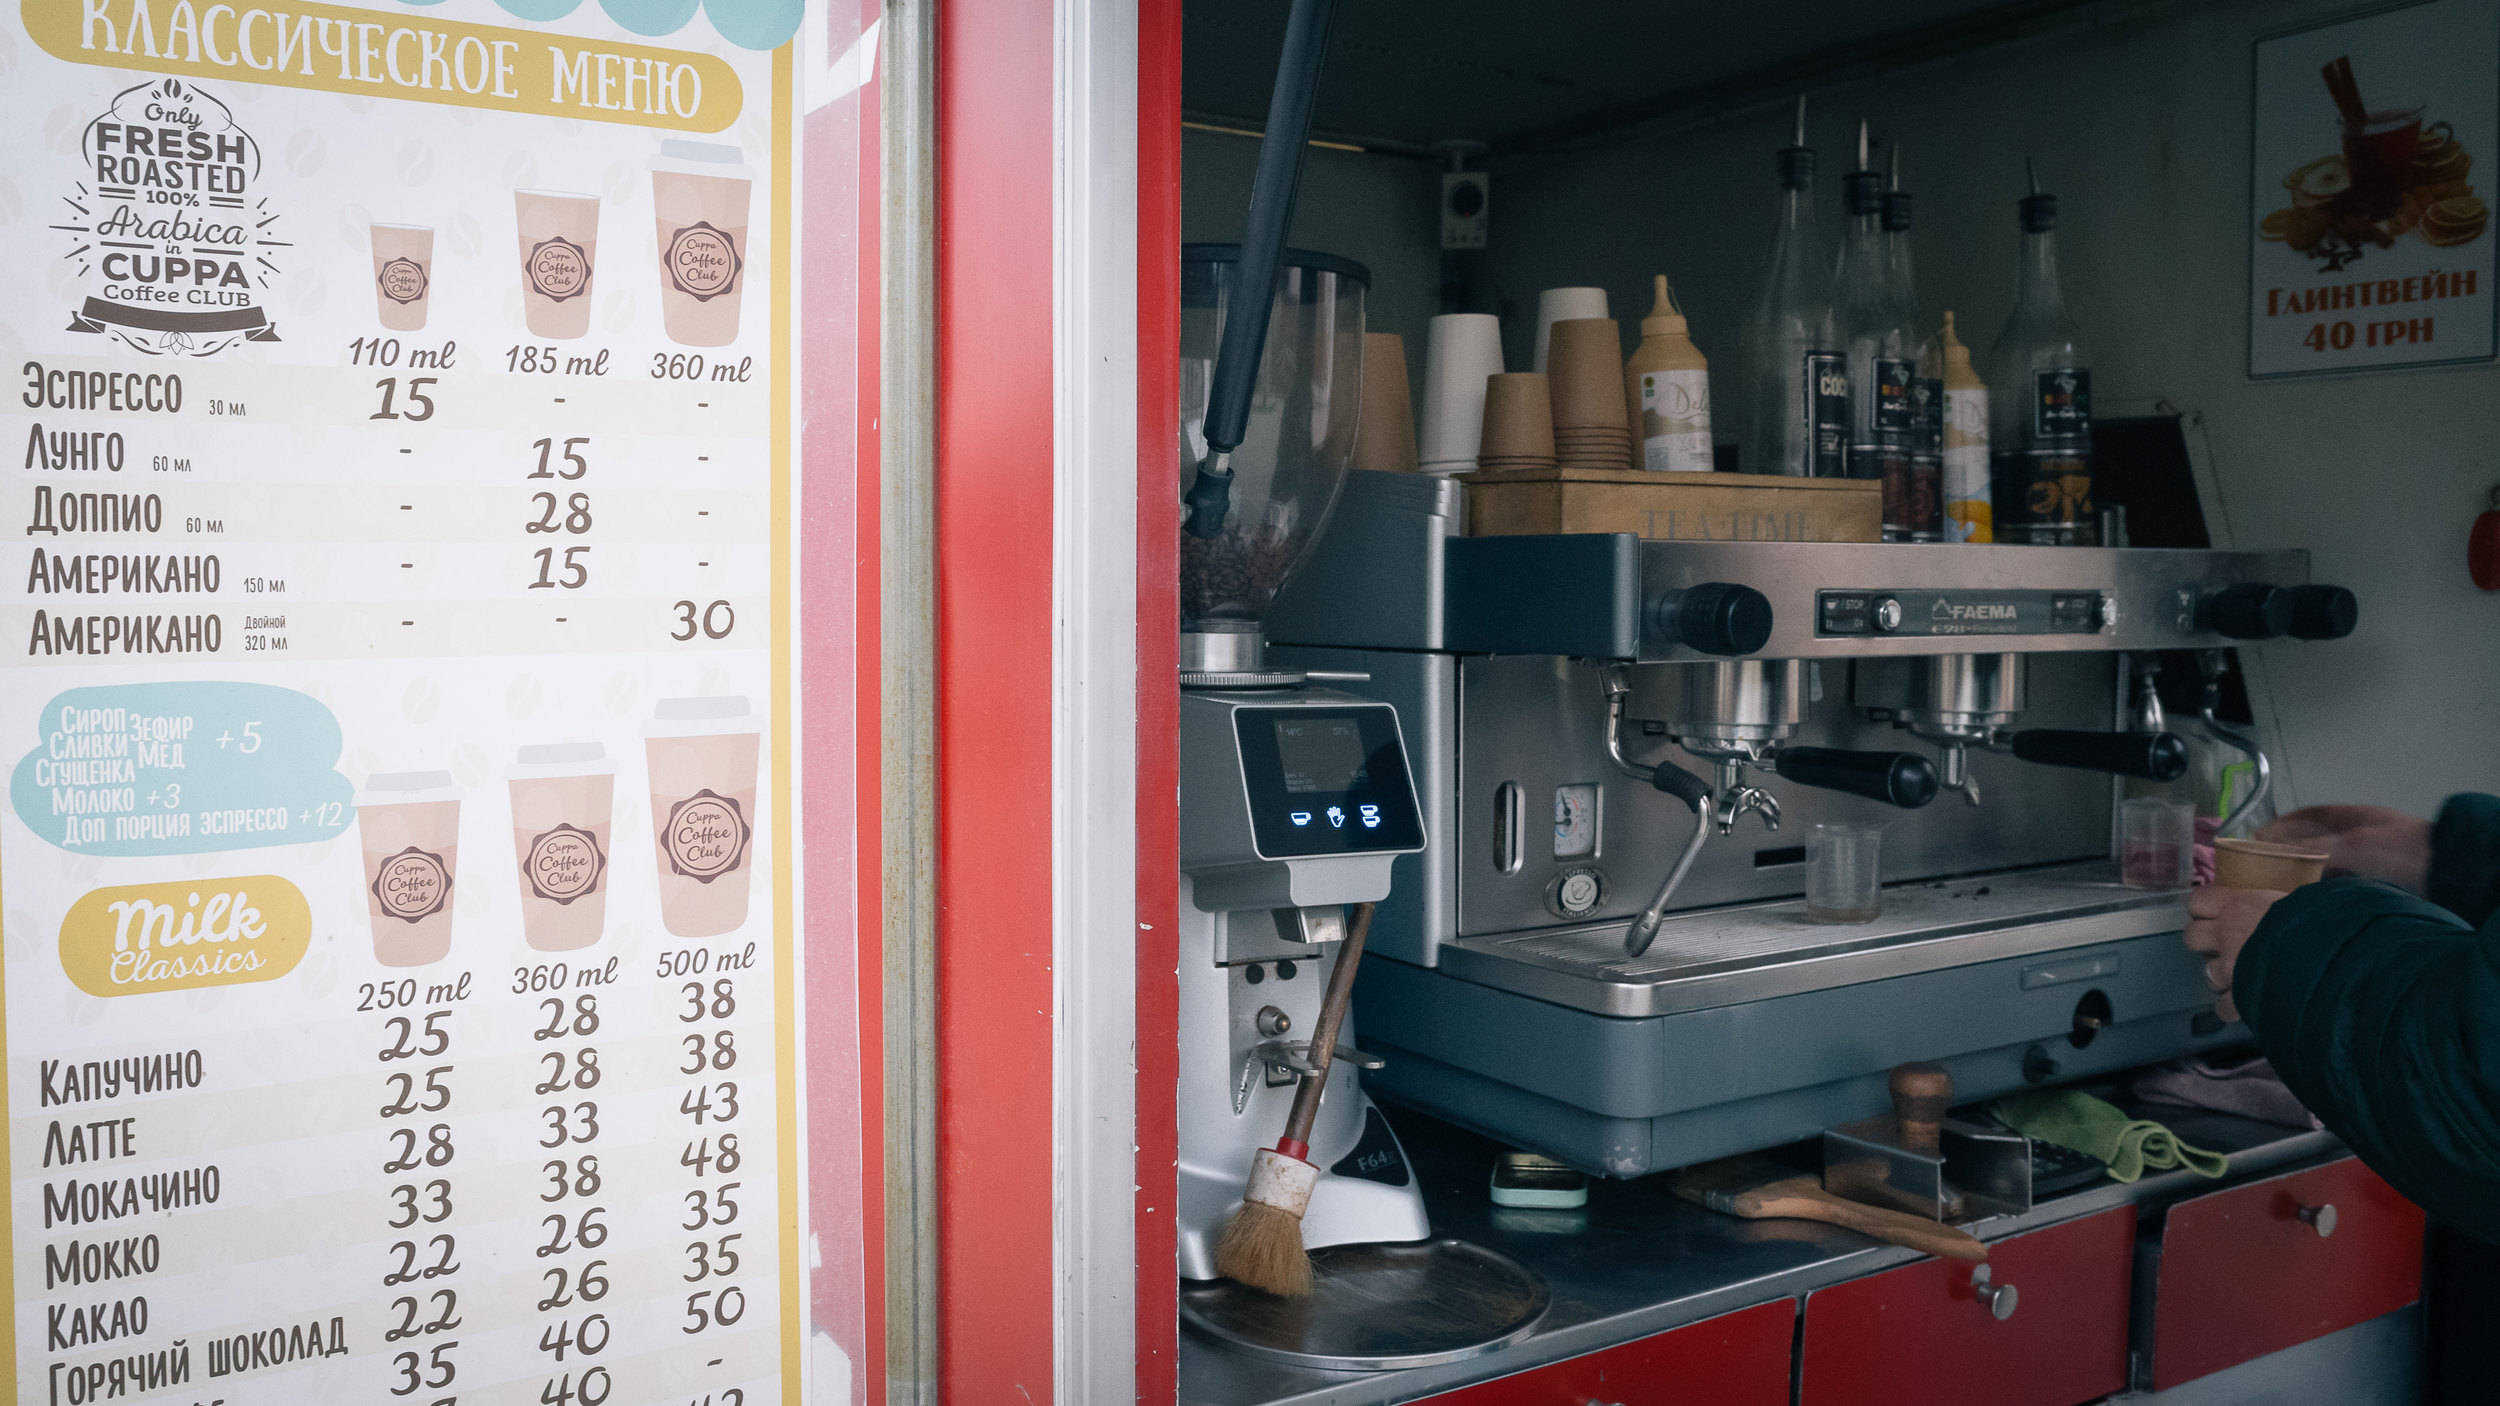 Κιόσκι με καφέ